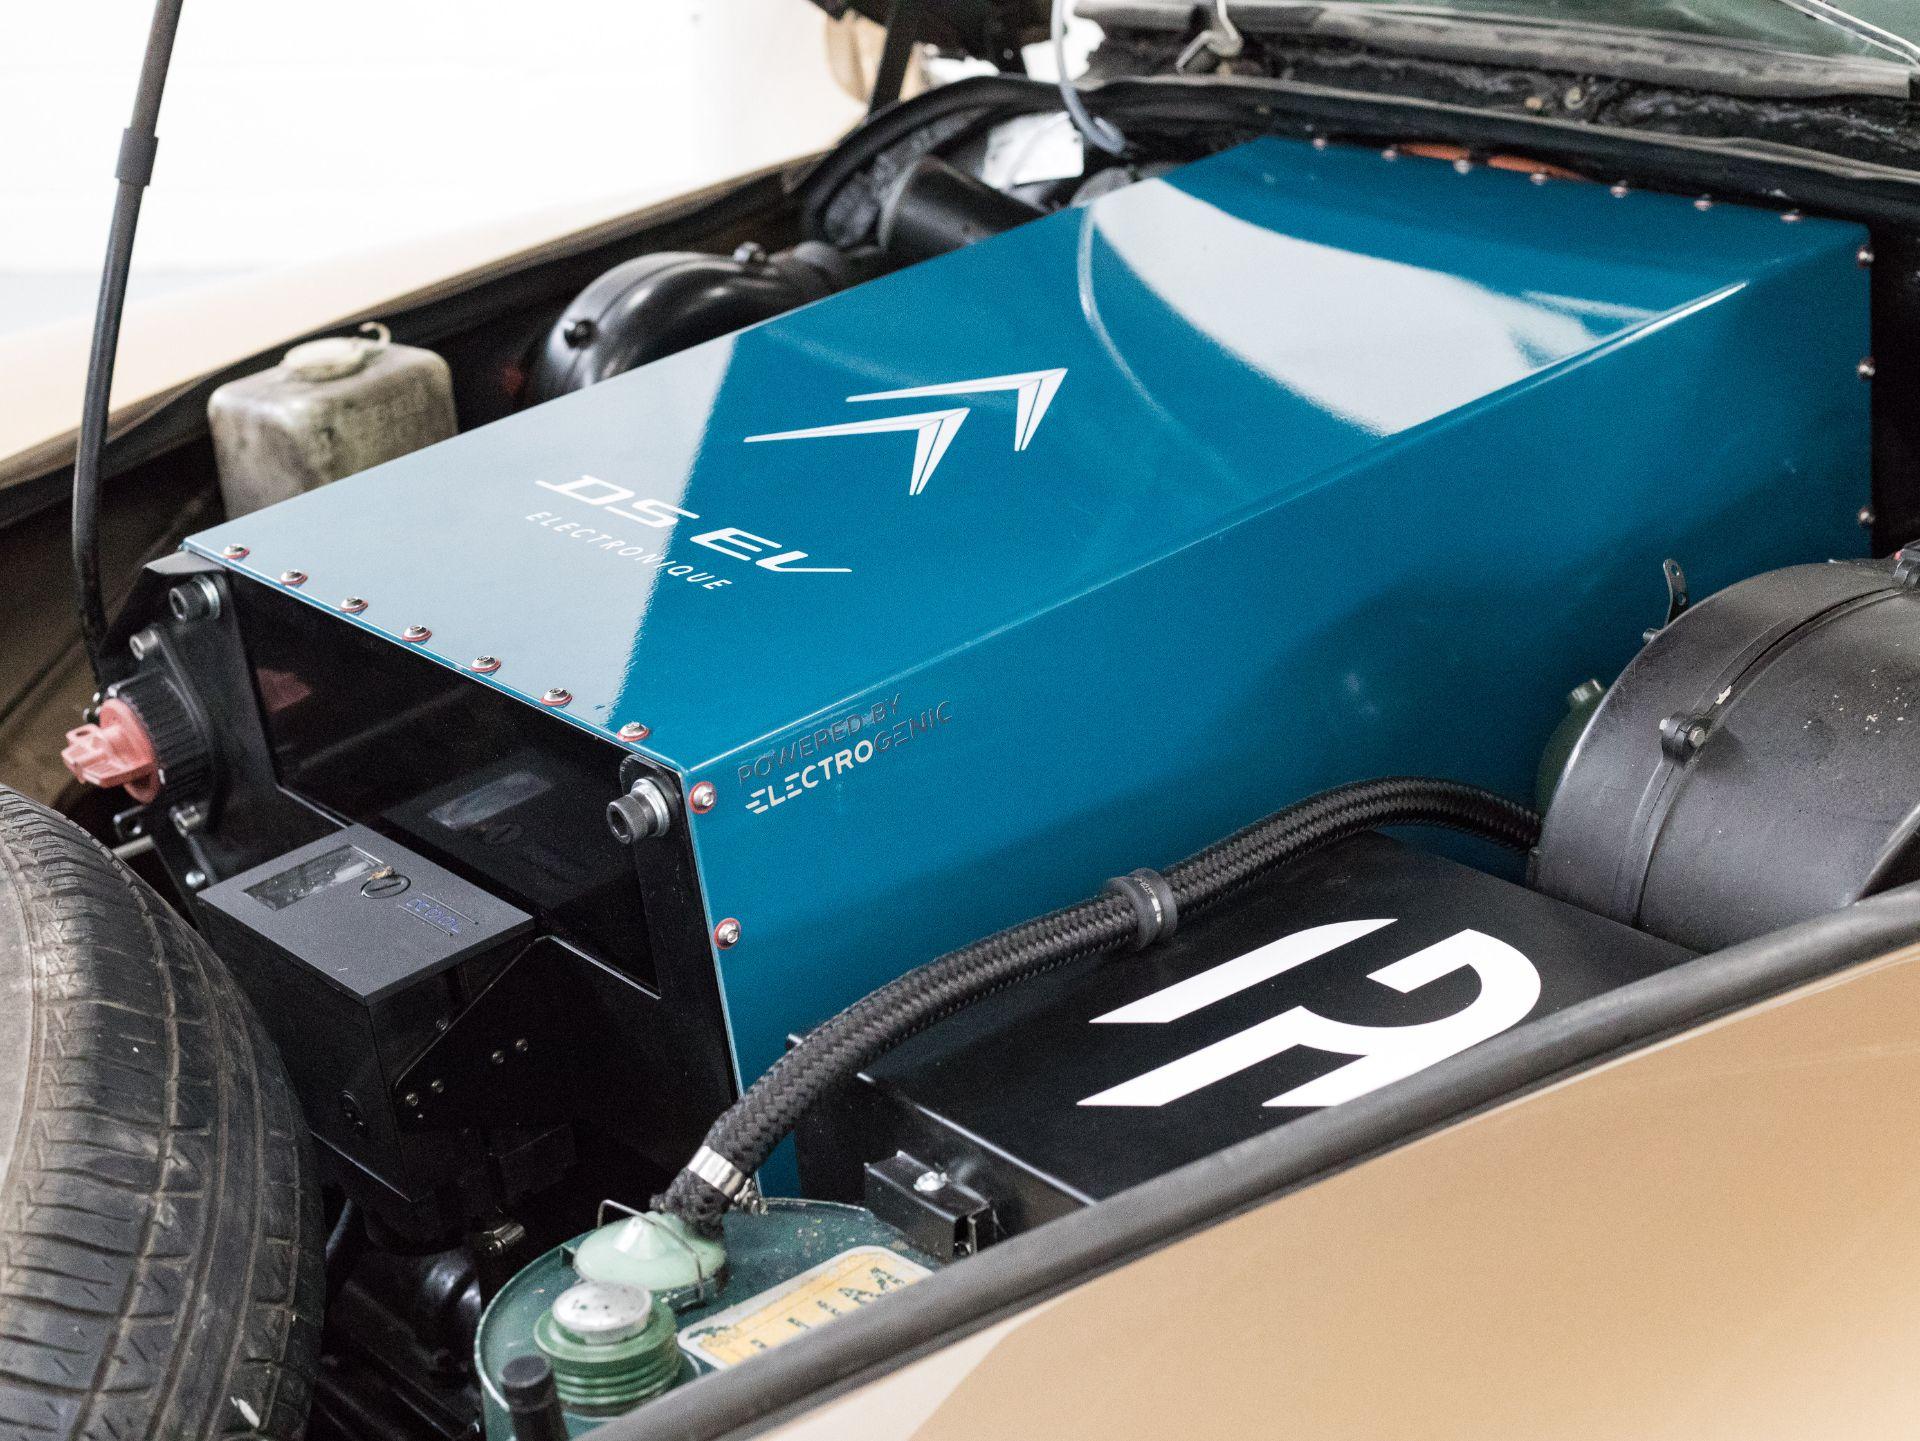 Британская фирма превратила классический Citroen DS в электрокар